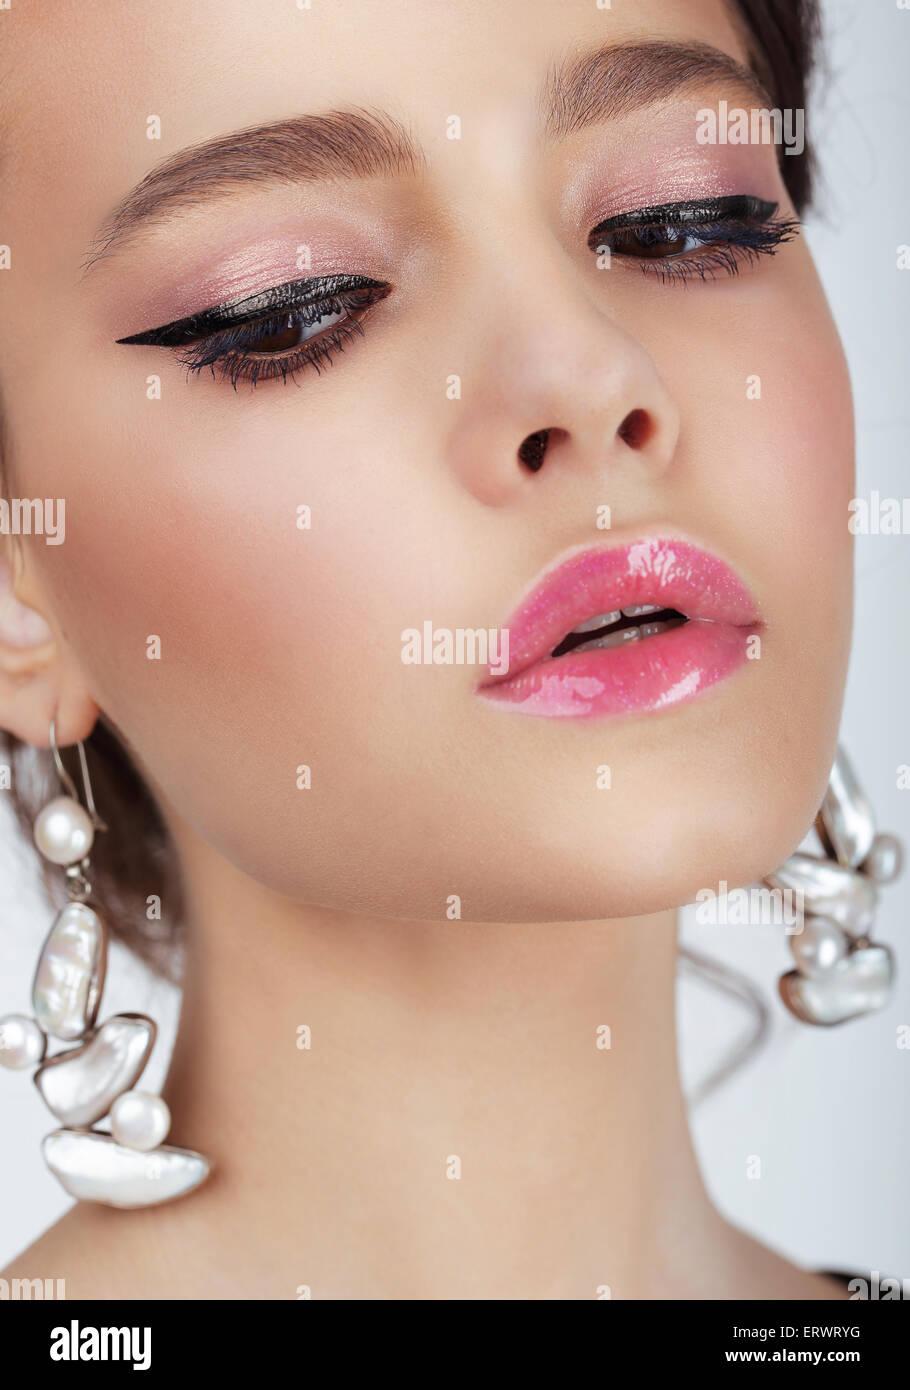 Retrato de estudio de joven mujer con aretes Imagen De Stock